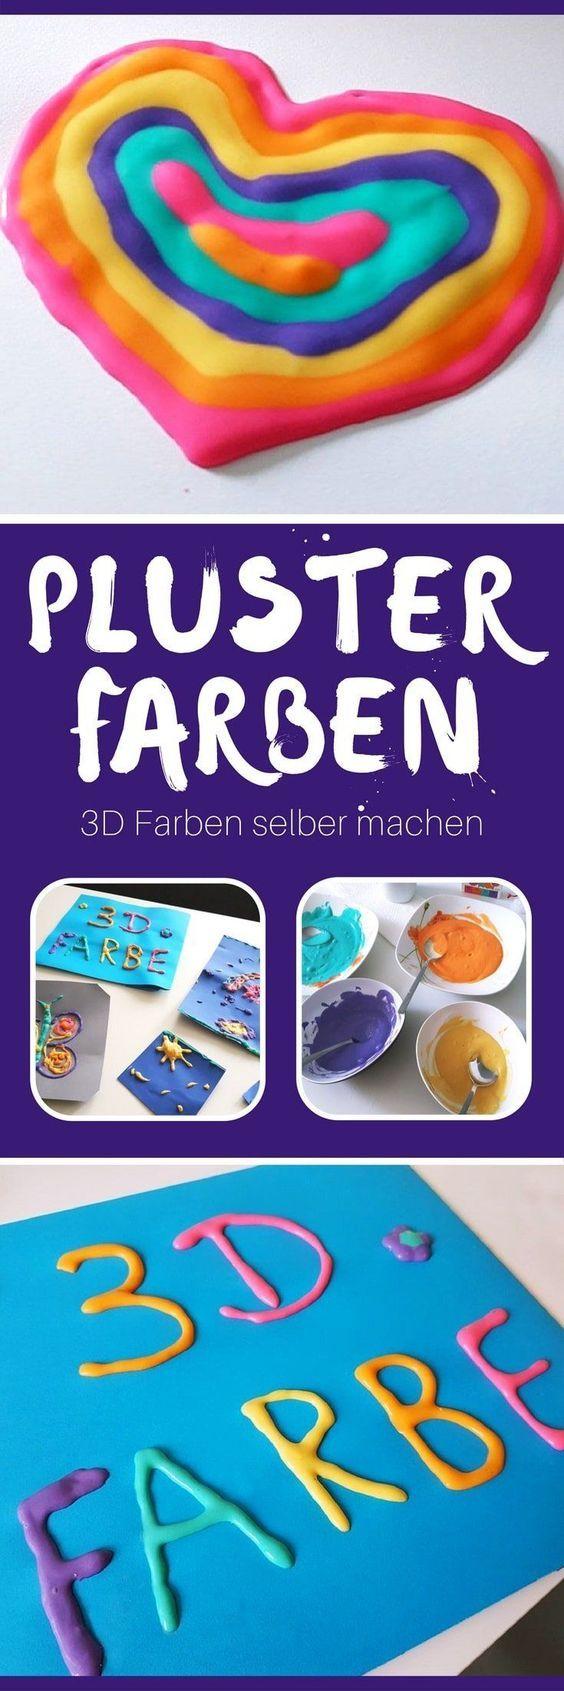 magische 3d bilder aus plusterfarbe puffy paint farbe selber machen basteln basteln. Black Bedroom Furniture Sets. Home Design Ideas